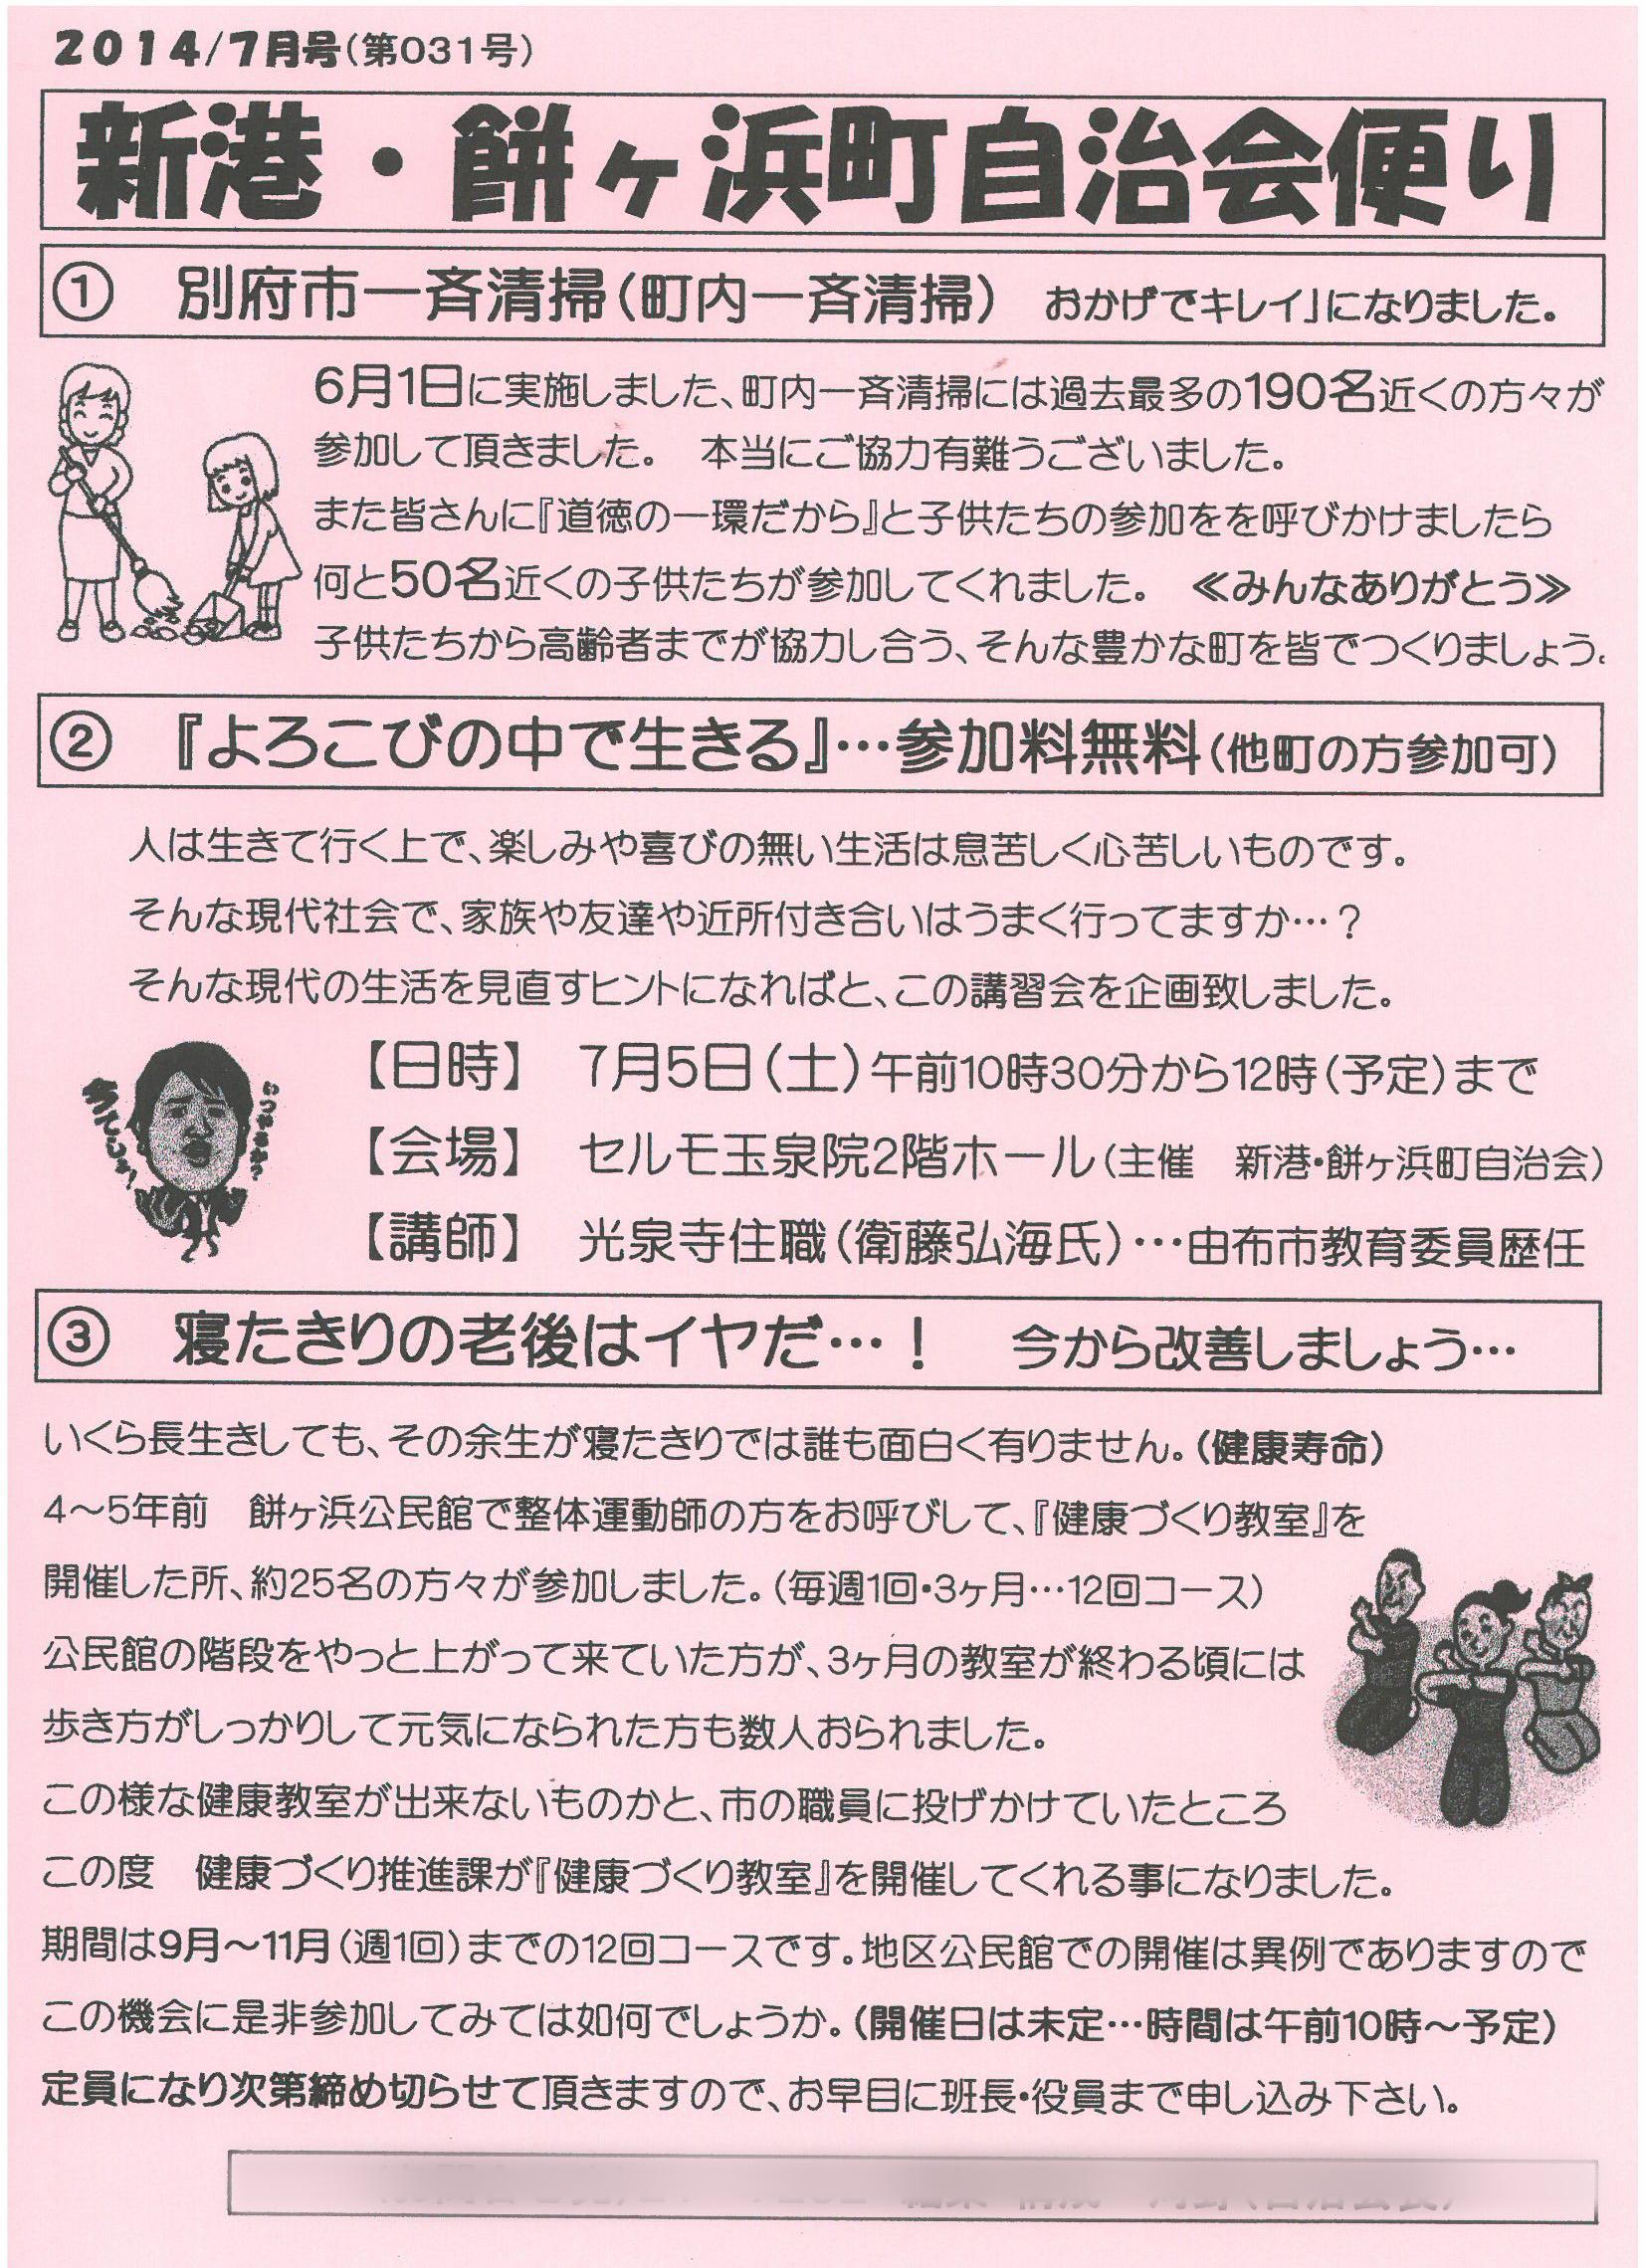 shinminato_mochigahama2014_07